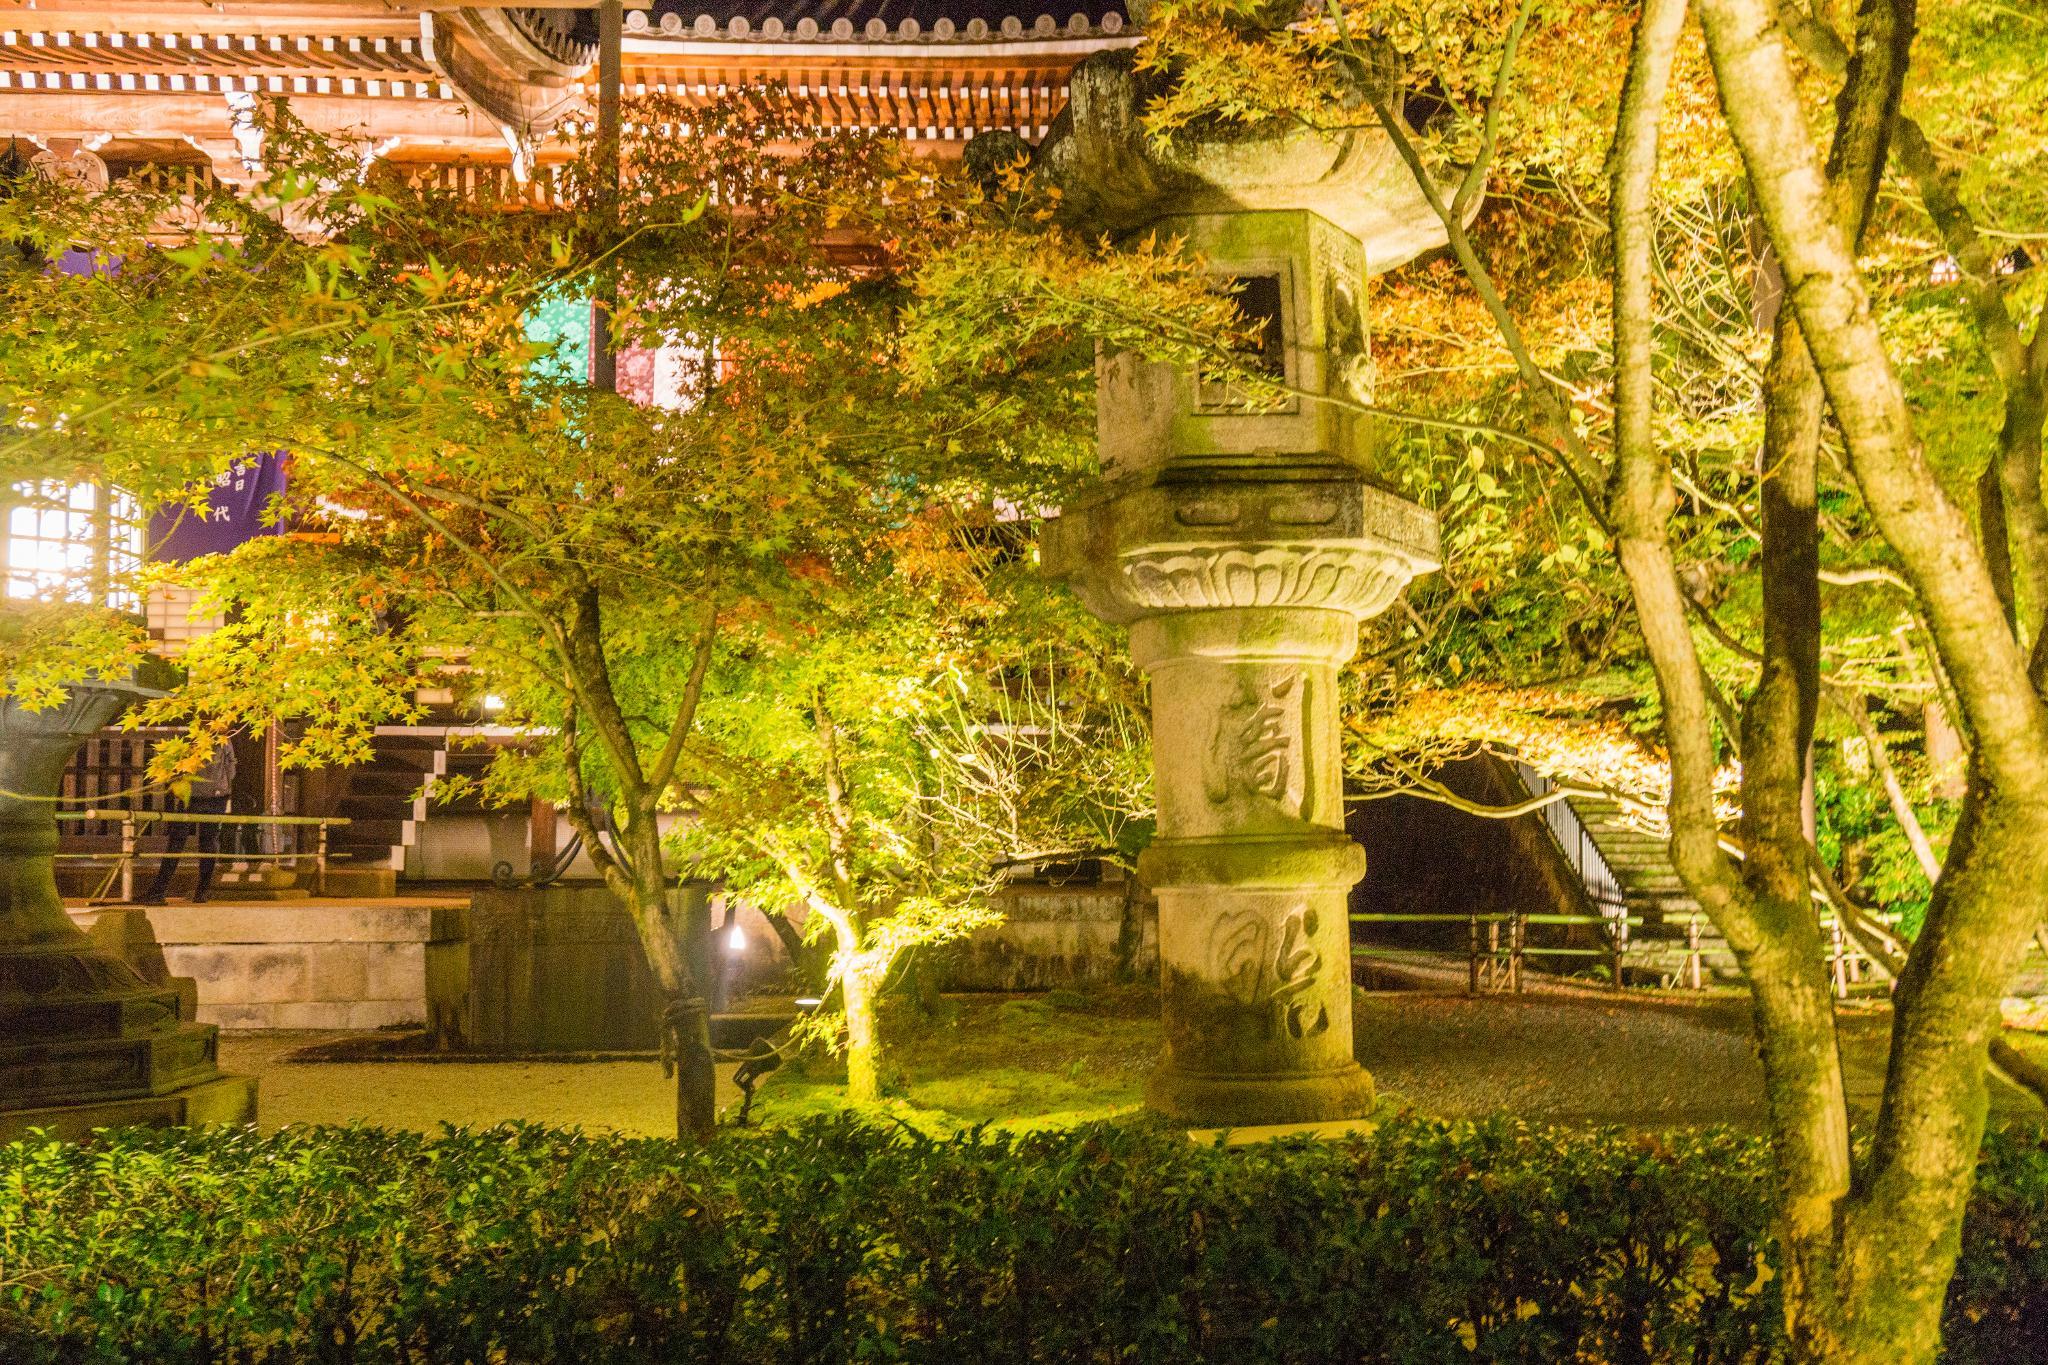 【京都】此生必來的紅葉狩絕景 - 永觀堂夜楓 124